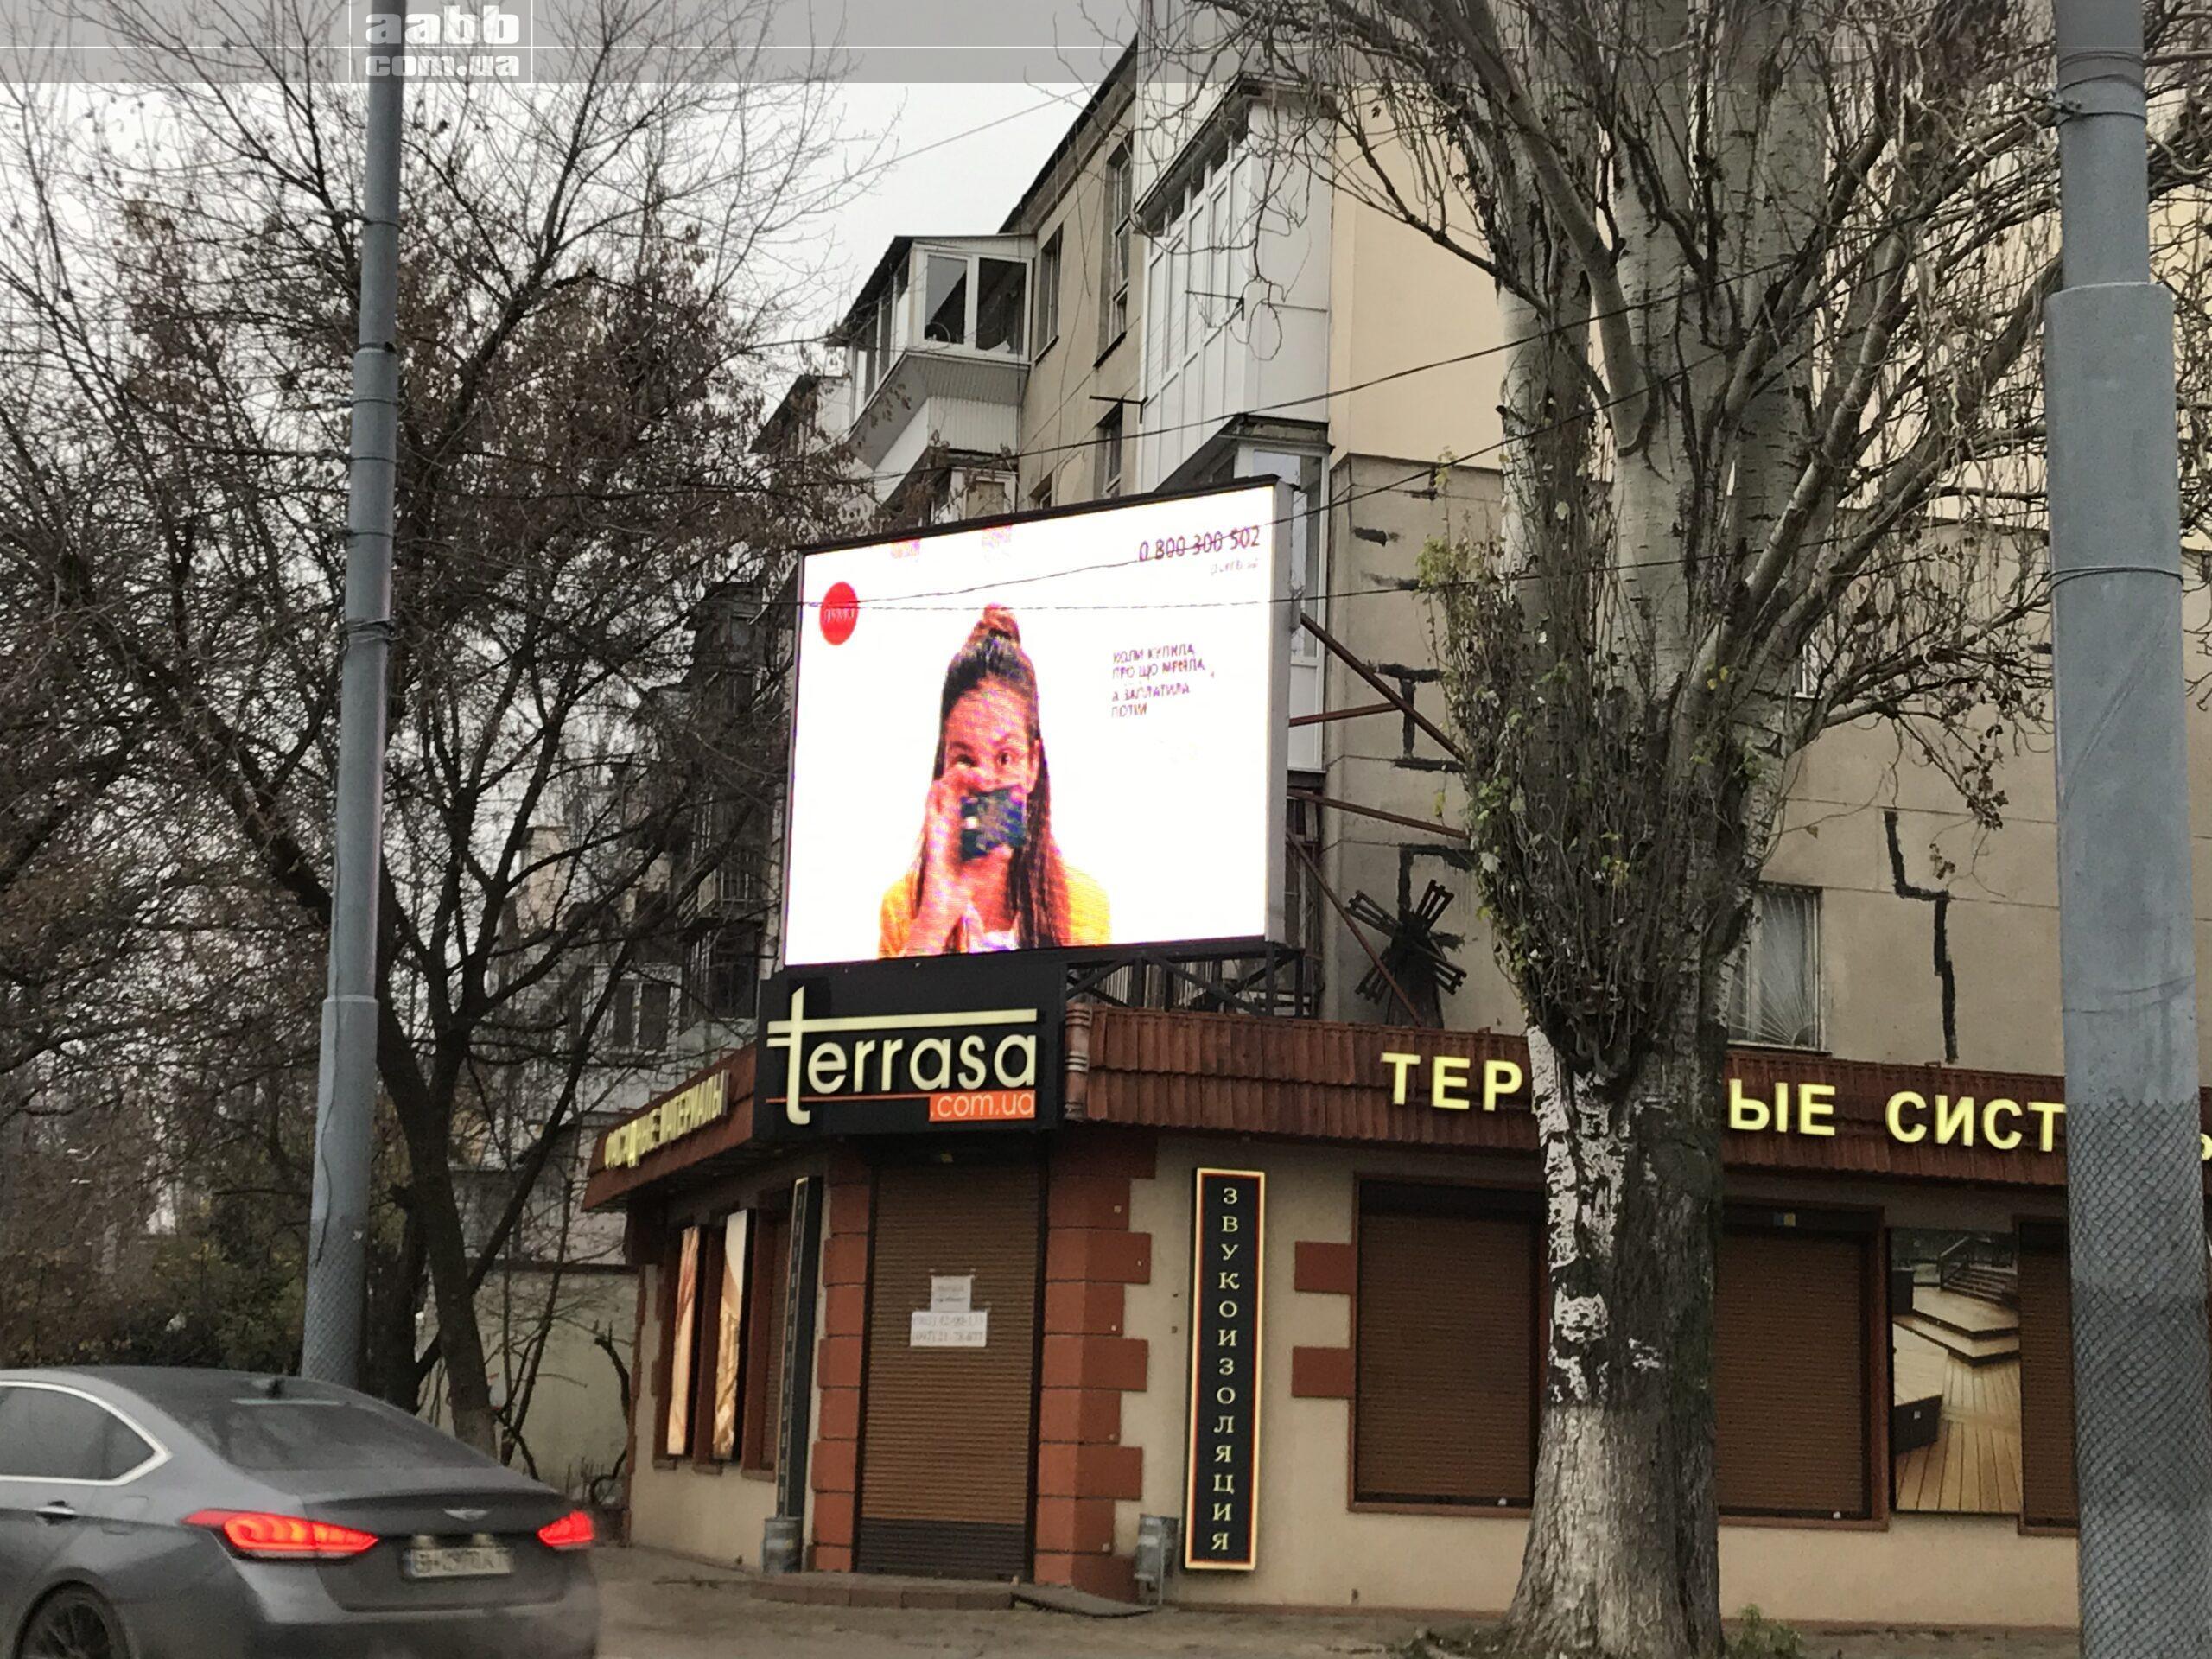 Реклама на відеоекранах у м. Одеса (грудень 2020)